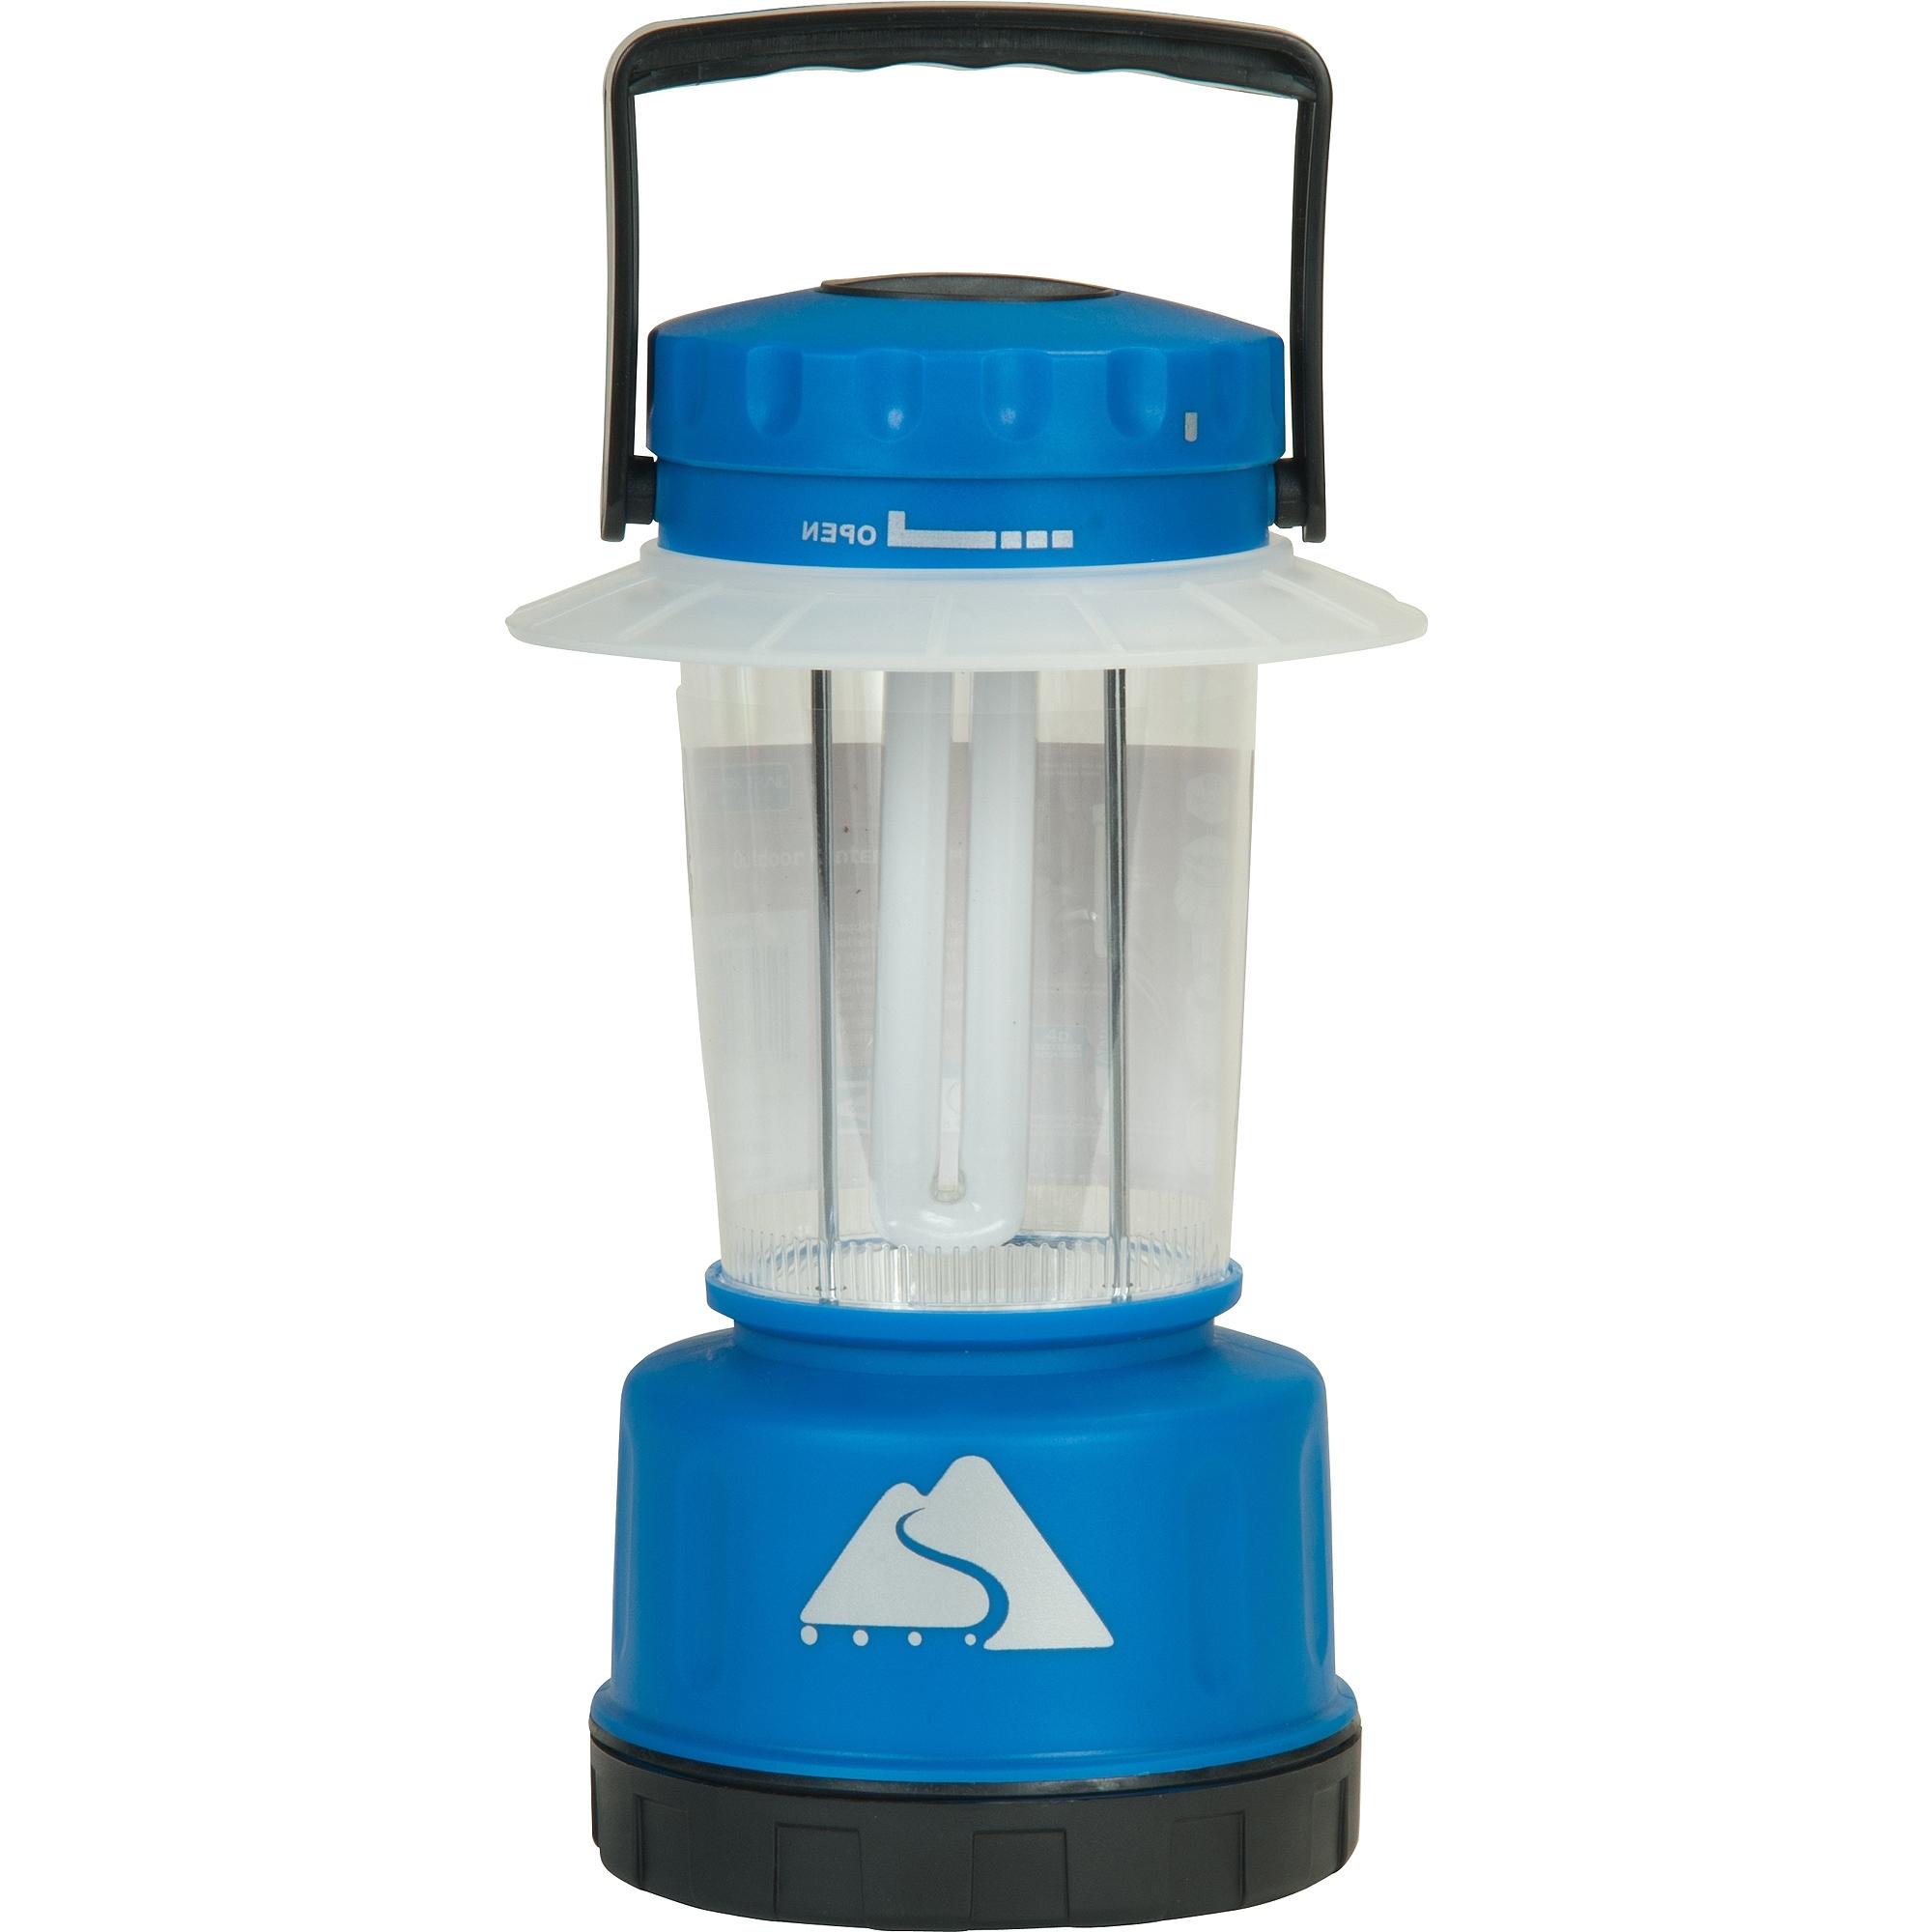 Ozark Trail Indoor/outdoor Lantern, Blue – Walmart With Regard To Favorite Blue Outdoor Lanterns (View 2 of 20)